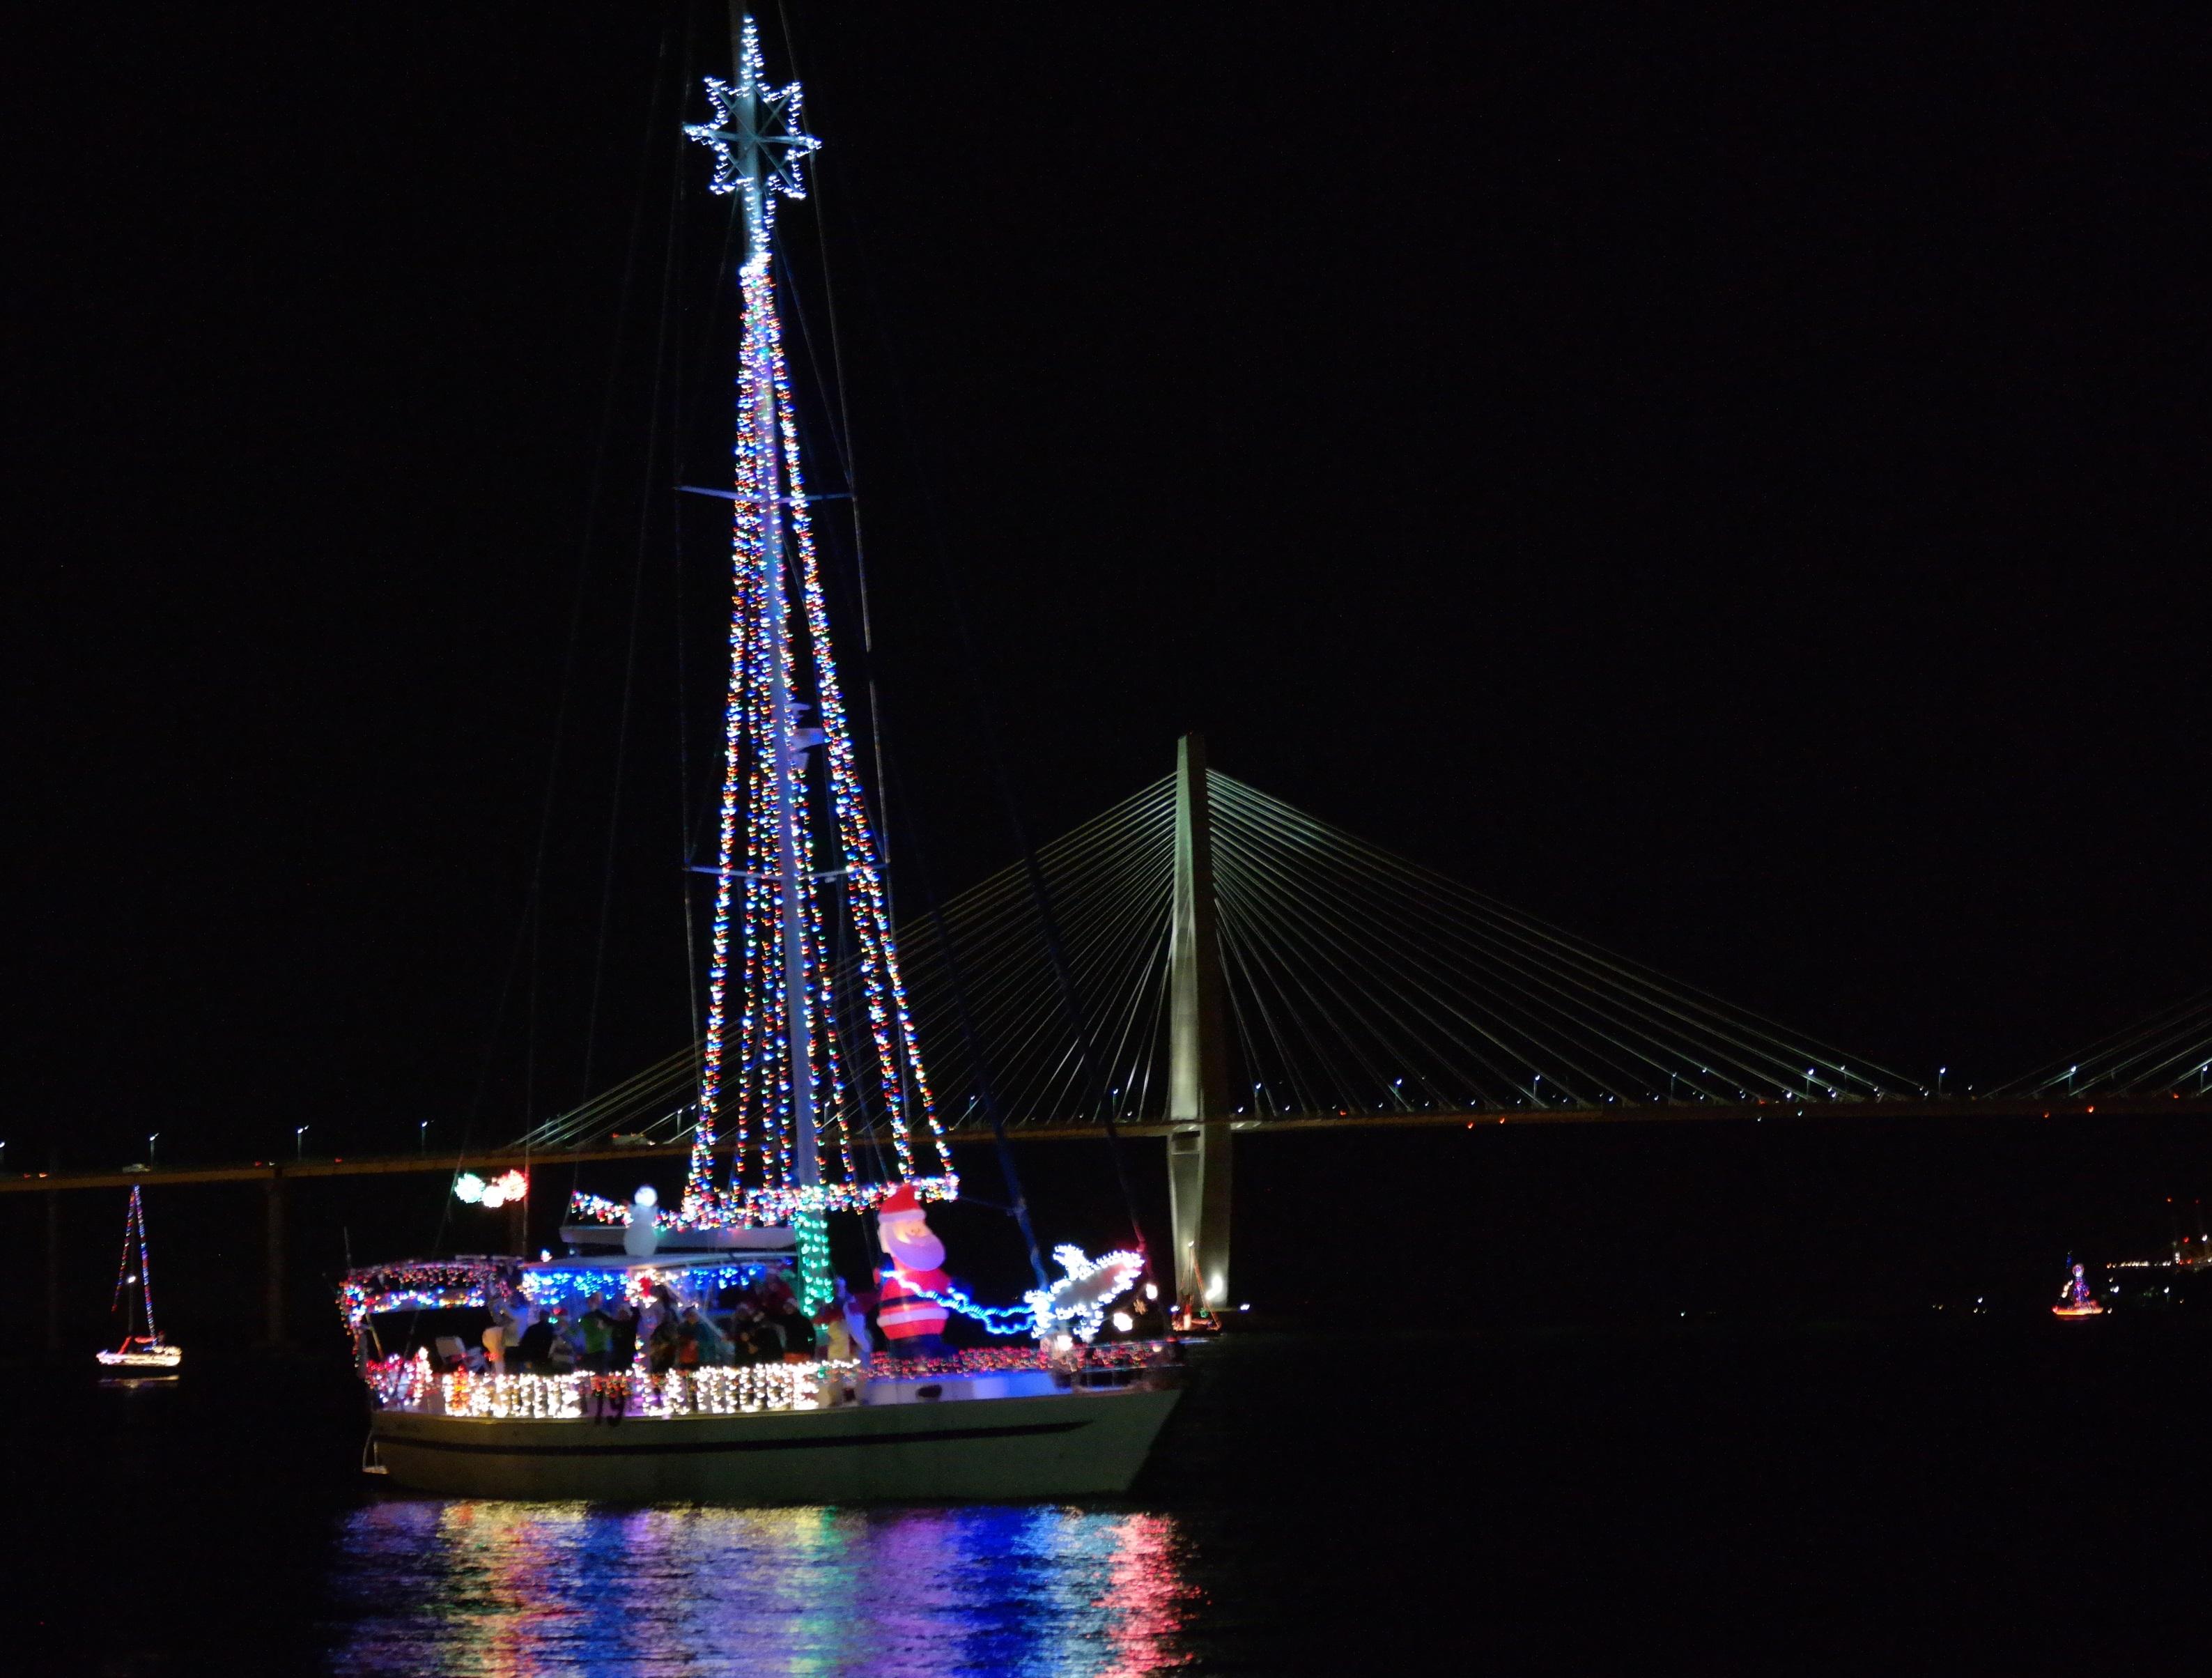 Charleston Holiday Boat Parade